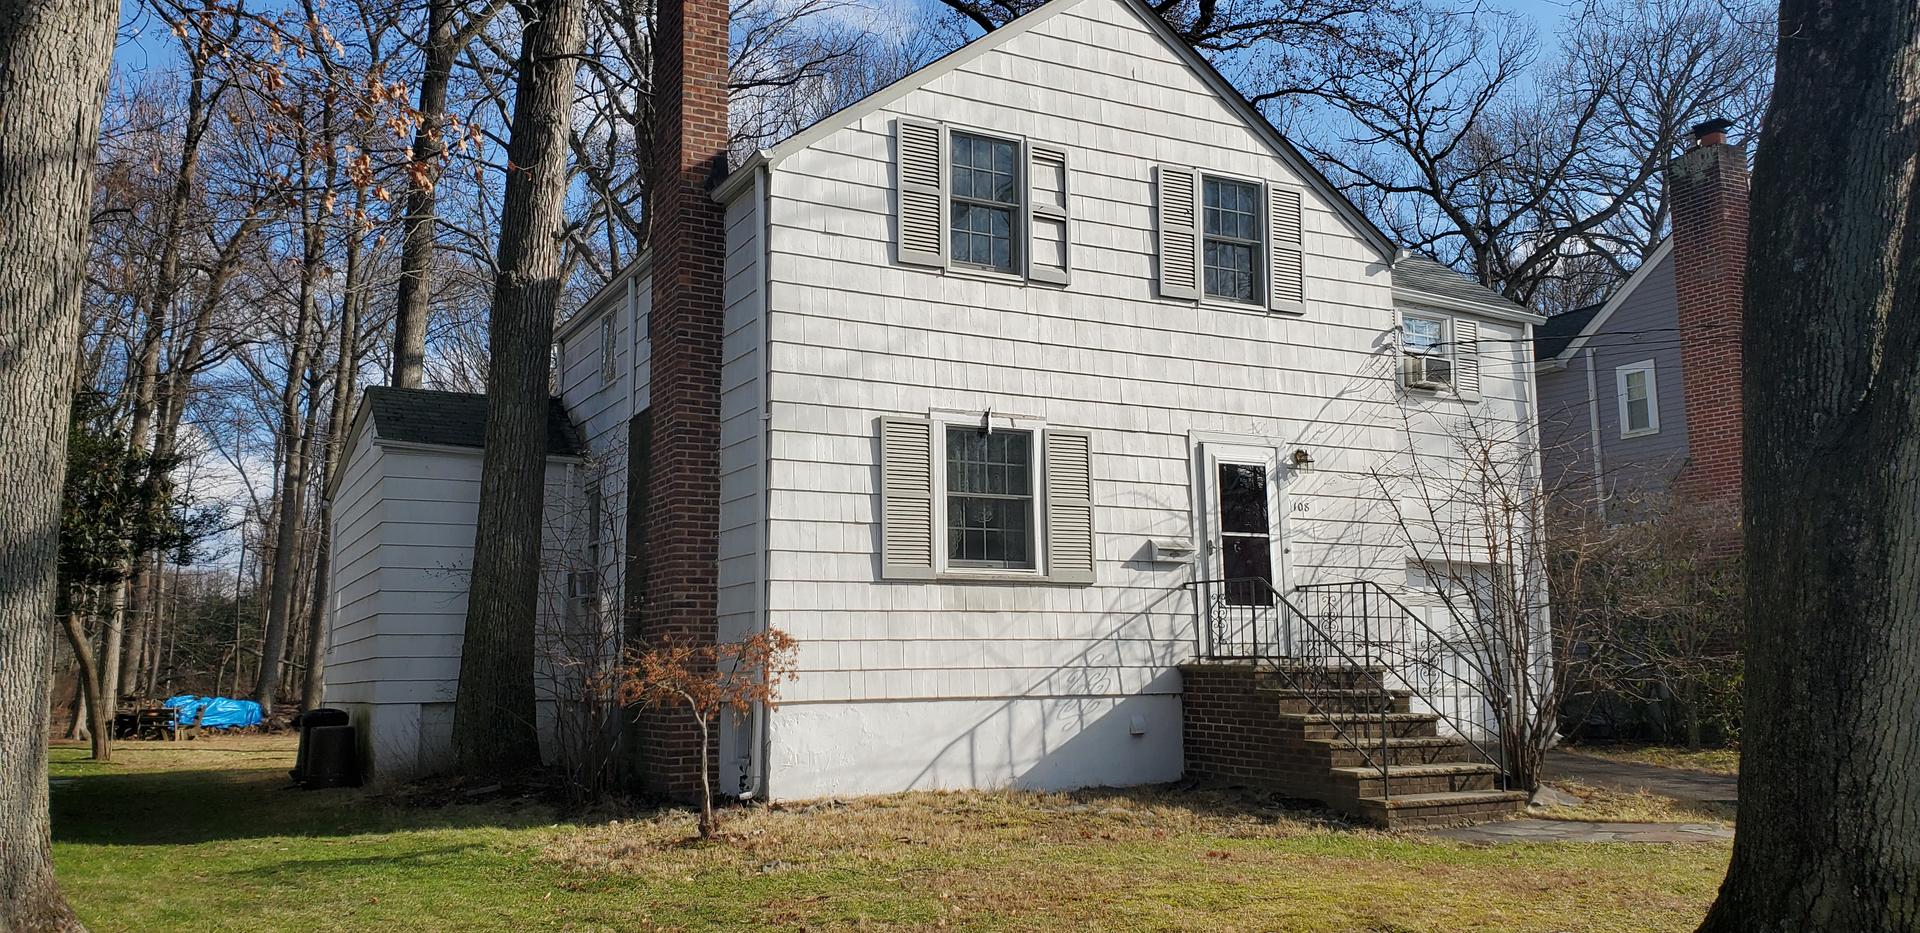 Fixer-uppper for sale Cranford, NJ